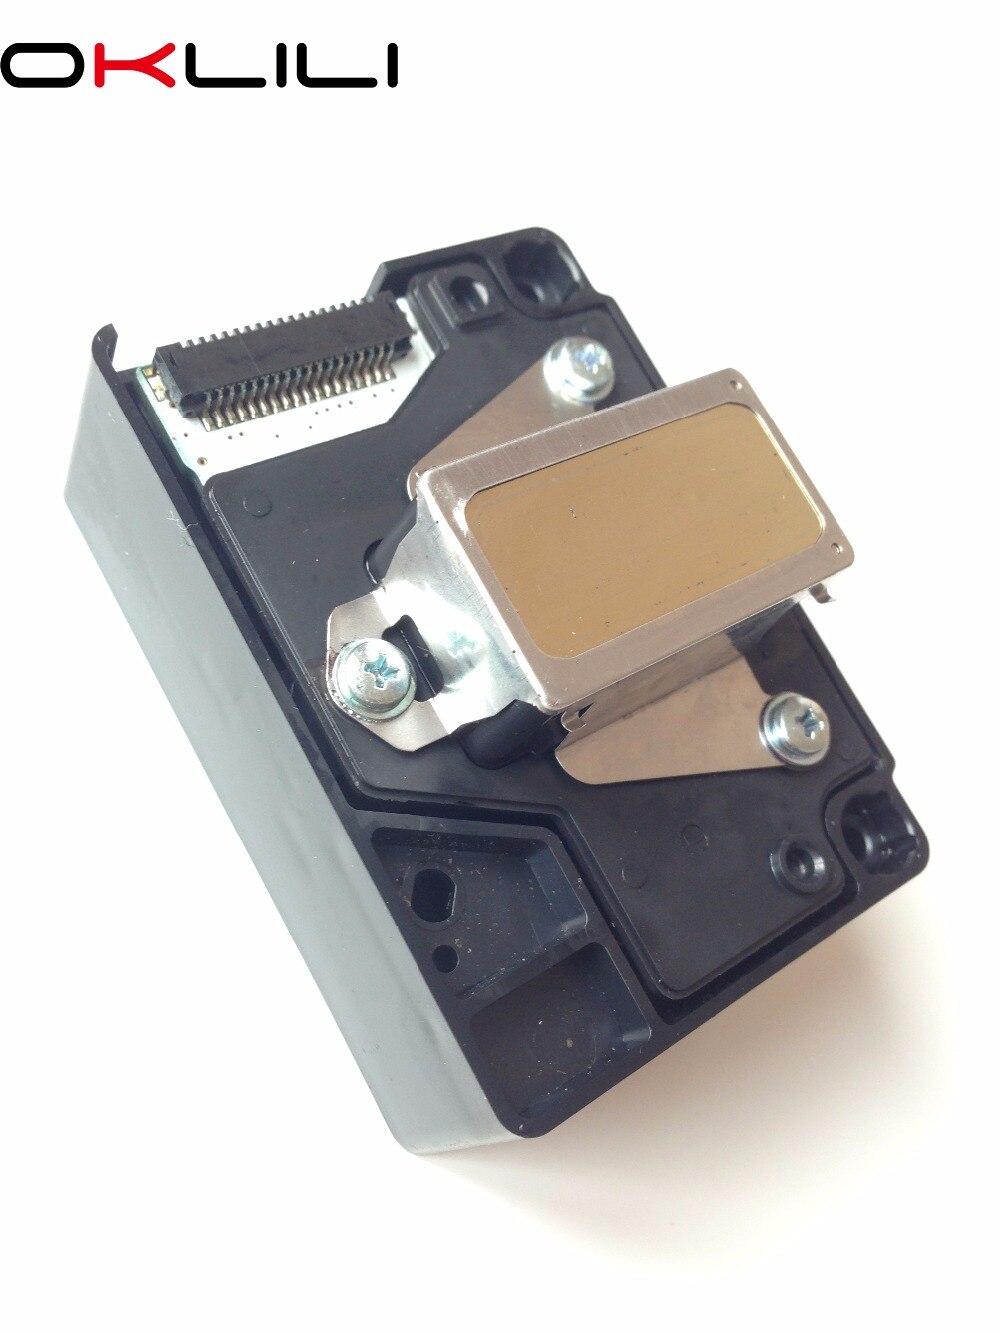 F185000 cabezal de impresión para Epson ME1100 ME70 ME650 C110 C120 C10 C1100 T30 T33 T110 T1100 T1110 SC110 TX510 b1100 L1300